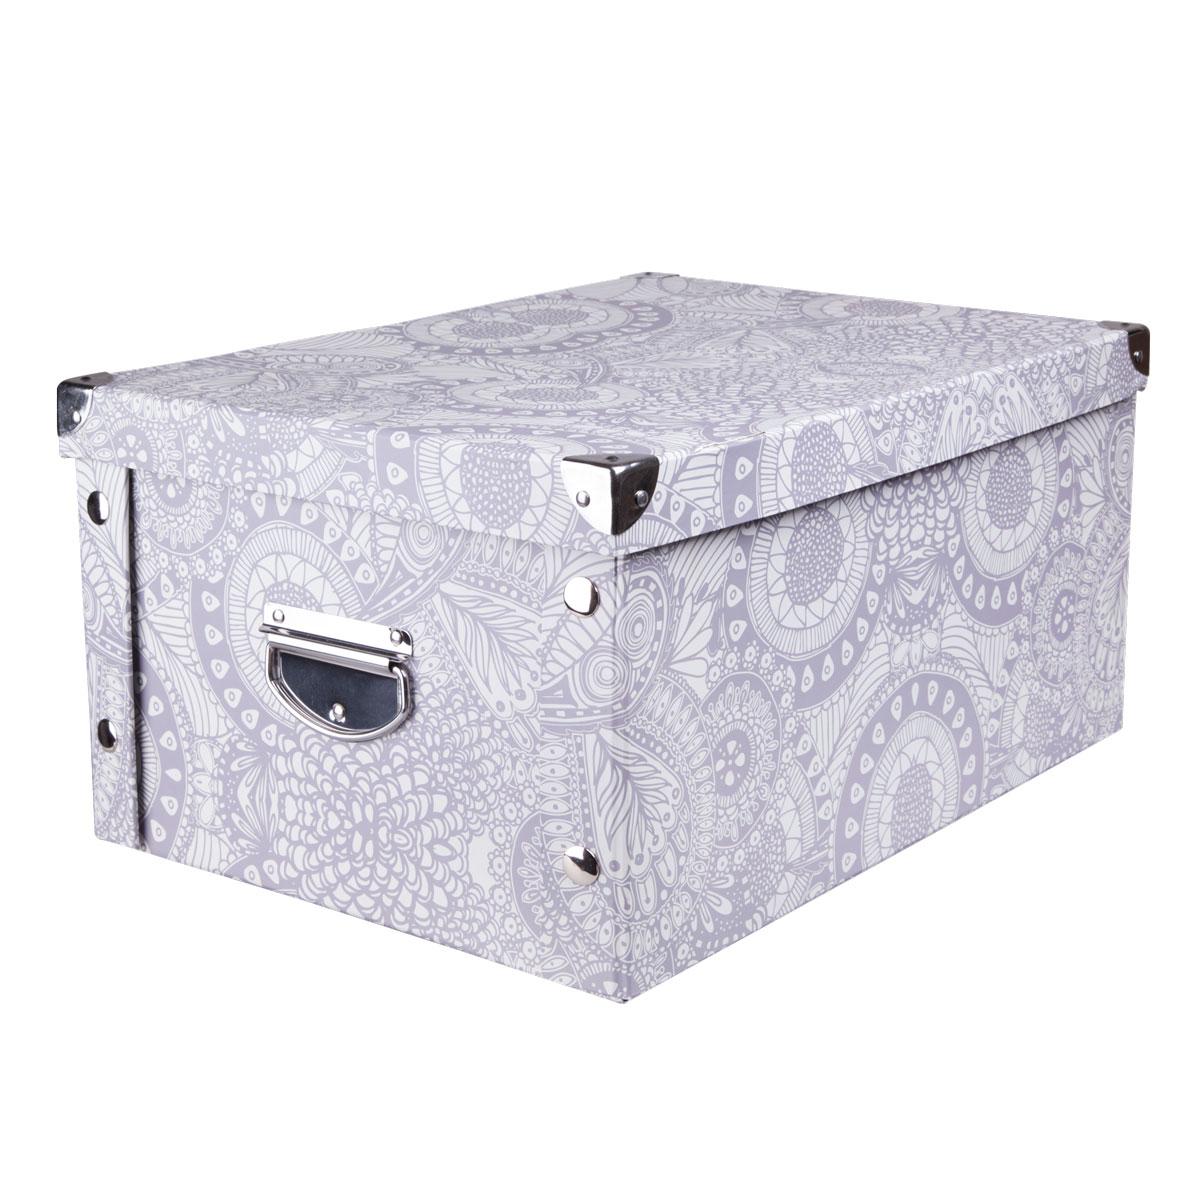 Коробка для хранения Miolla, 35 х 25 х 17,5 см. CFB-02CFB-02Коробка для хранения Miolla прекрасно подойдет для хранения бытовых мелочей, документов, аксессуаров для рукоделия и других мелких предметов. Коробка поставляется в разобранном виде, легко и быстро складывается. Плотная крышка и удобные для переноски металлические ручки станут приятным дополнением к функциональным достоинствам коробки. Удобная крышка не даст ни одной вещи потеряться, а оптимальный размер подойдет для любого шкафа или полки.Компактная, но при этом вместительная коробка для хранения станет яркой нотой в вашем интерьере.